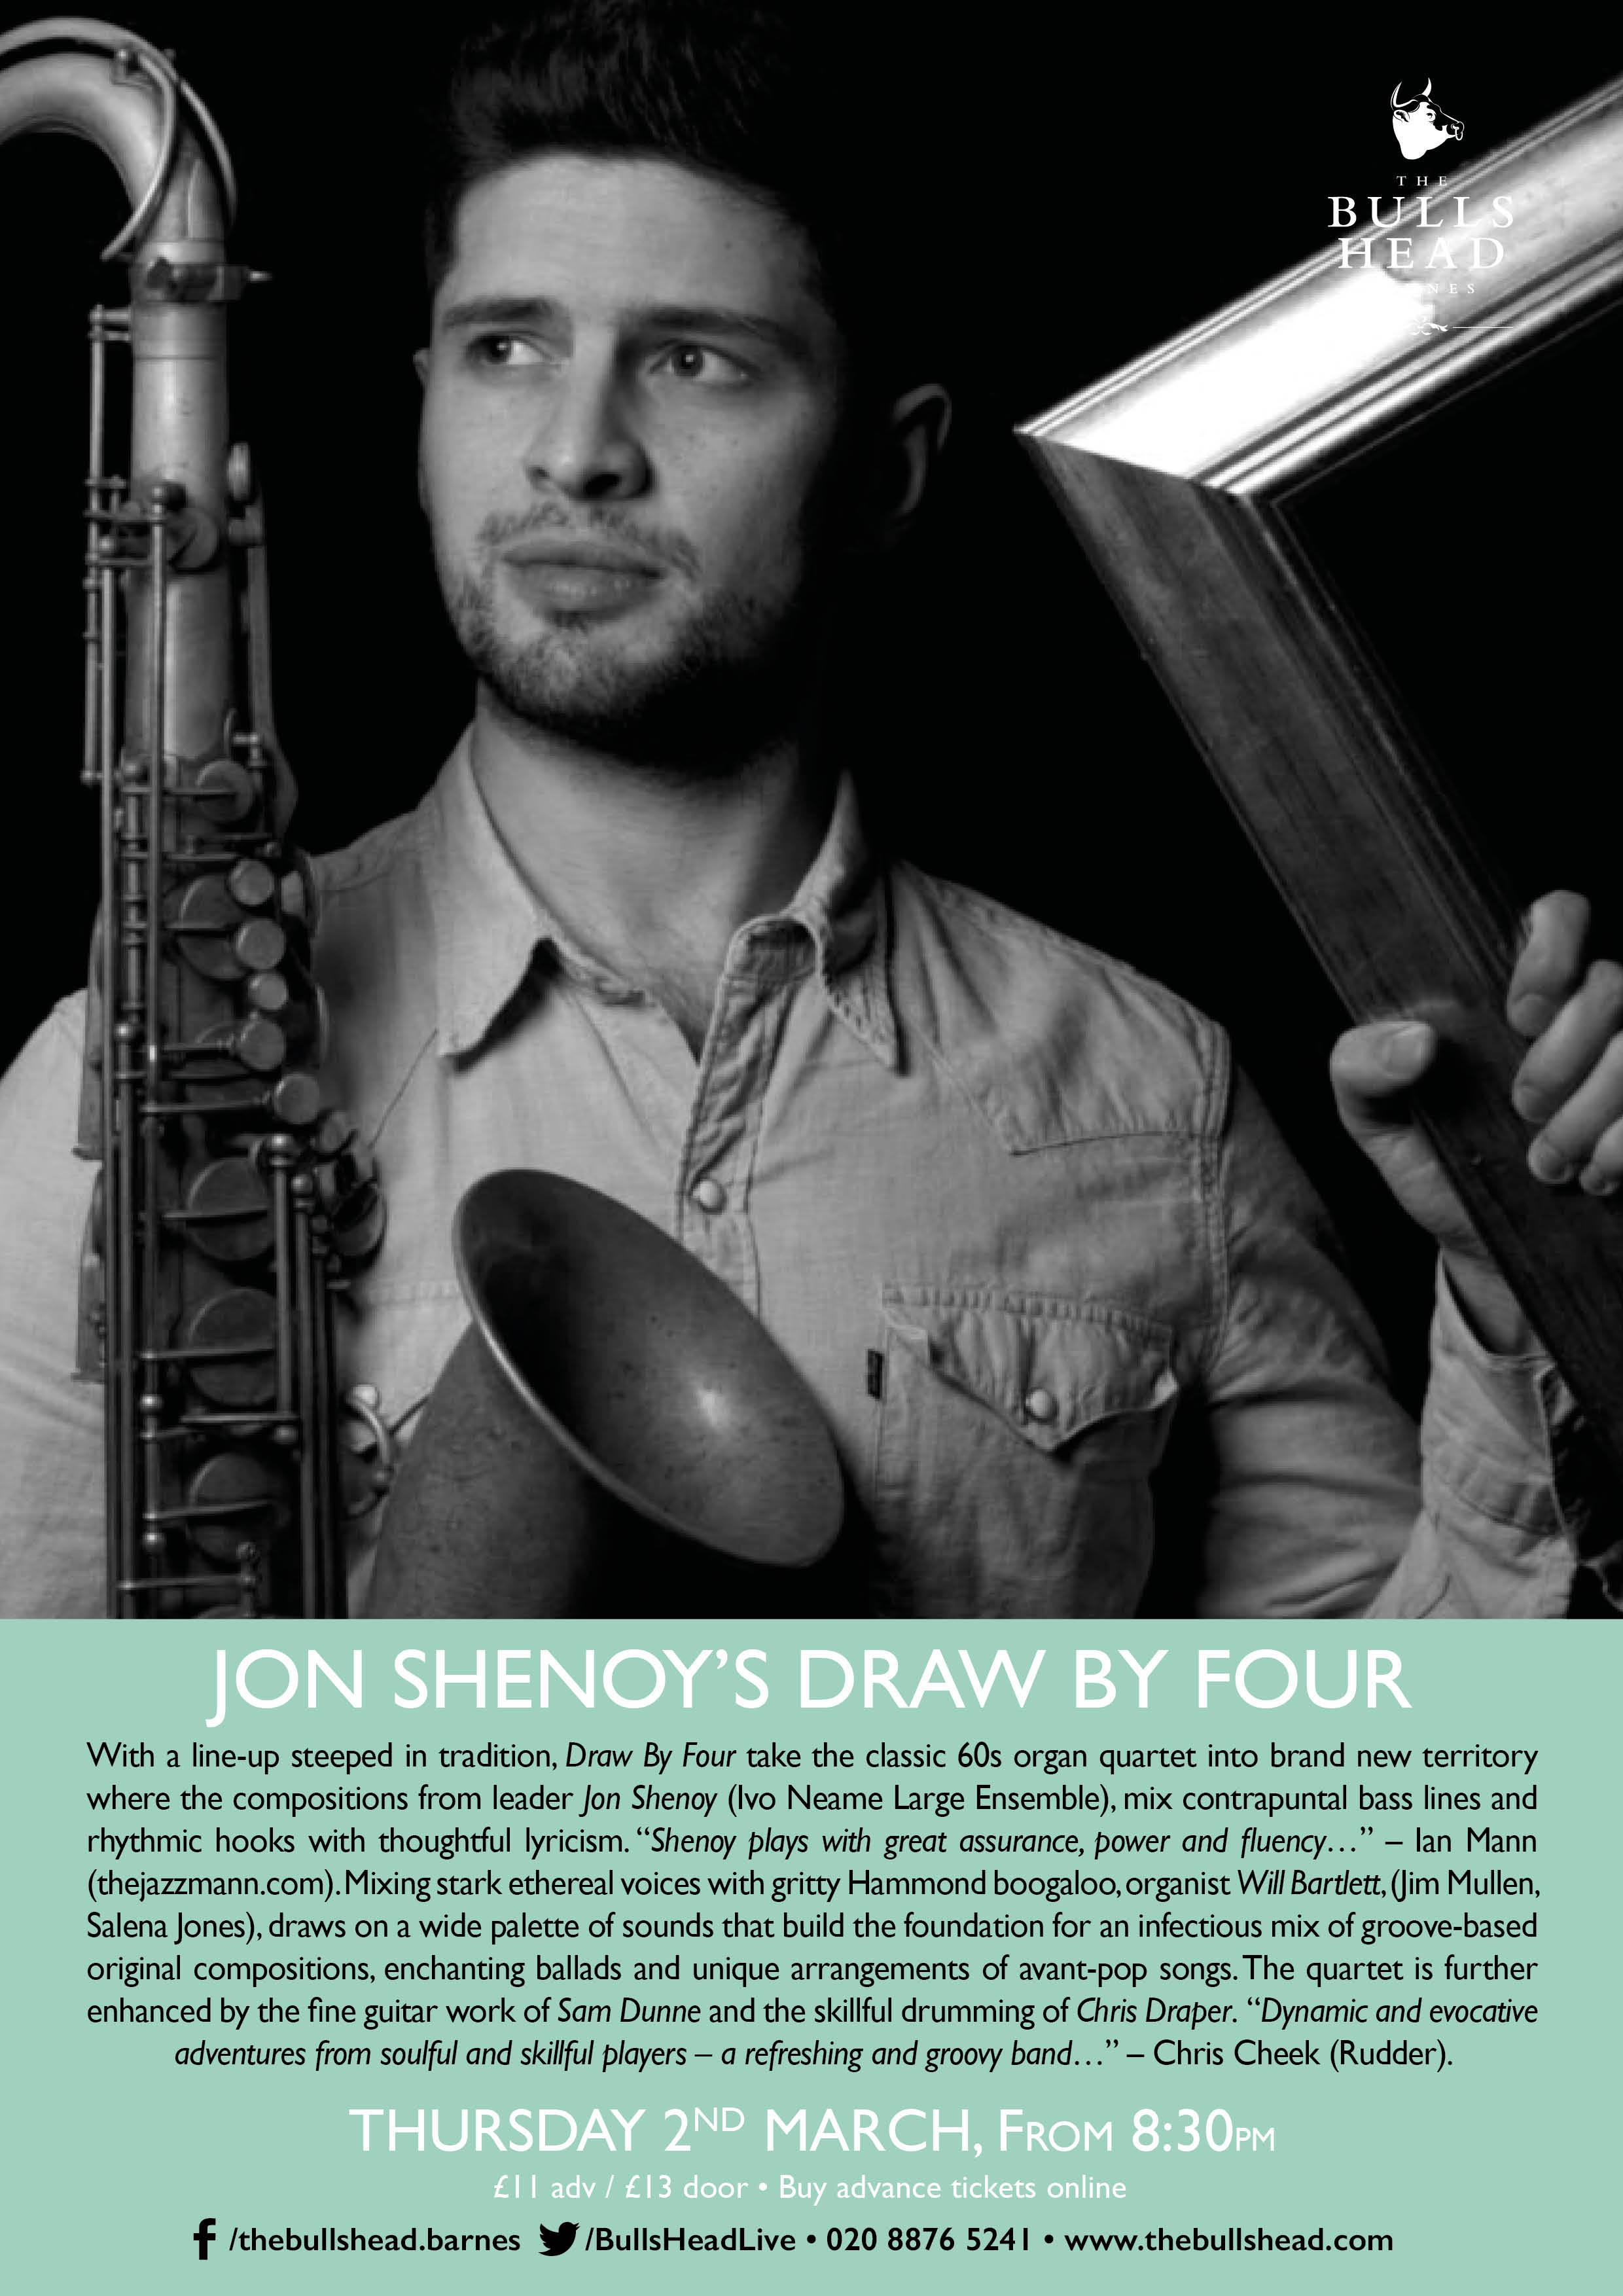 Jon Shenoy's Draw By Four